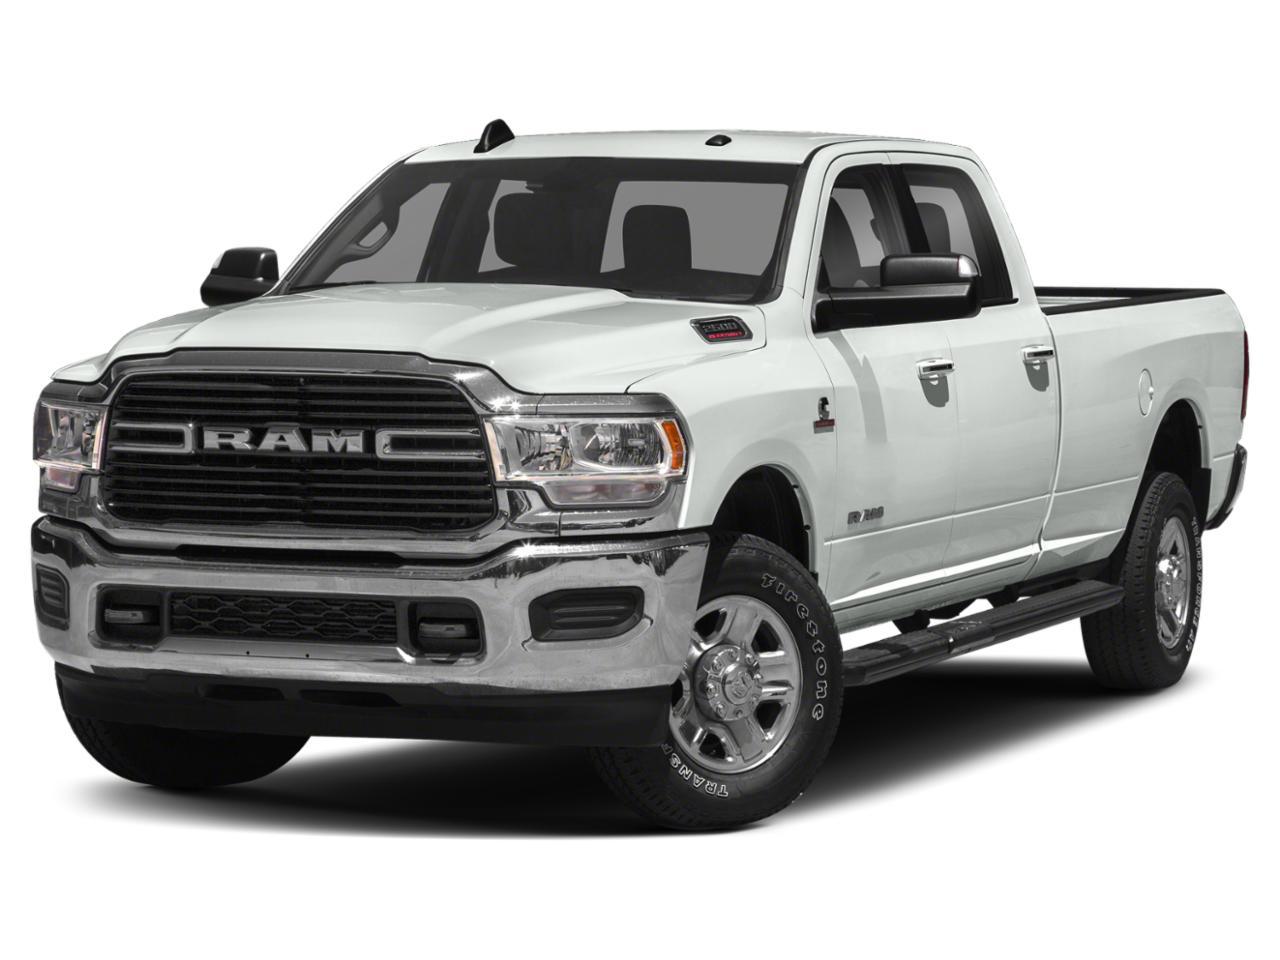 2020 Ram 2500 Vehicle Photo in Price, UT 84501